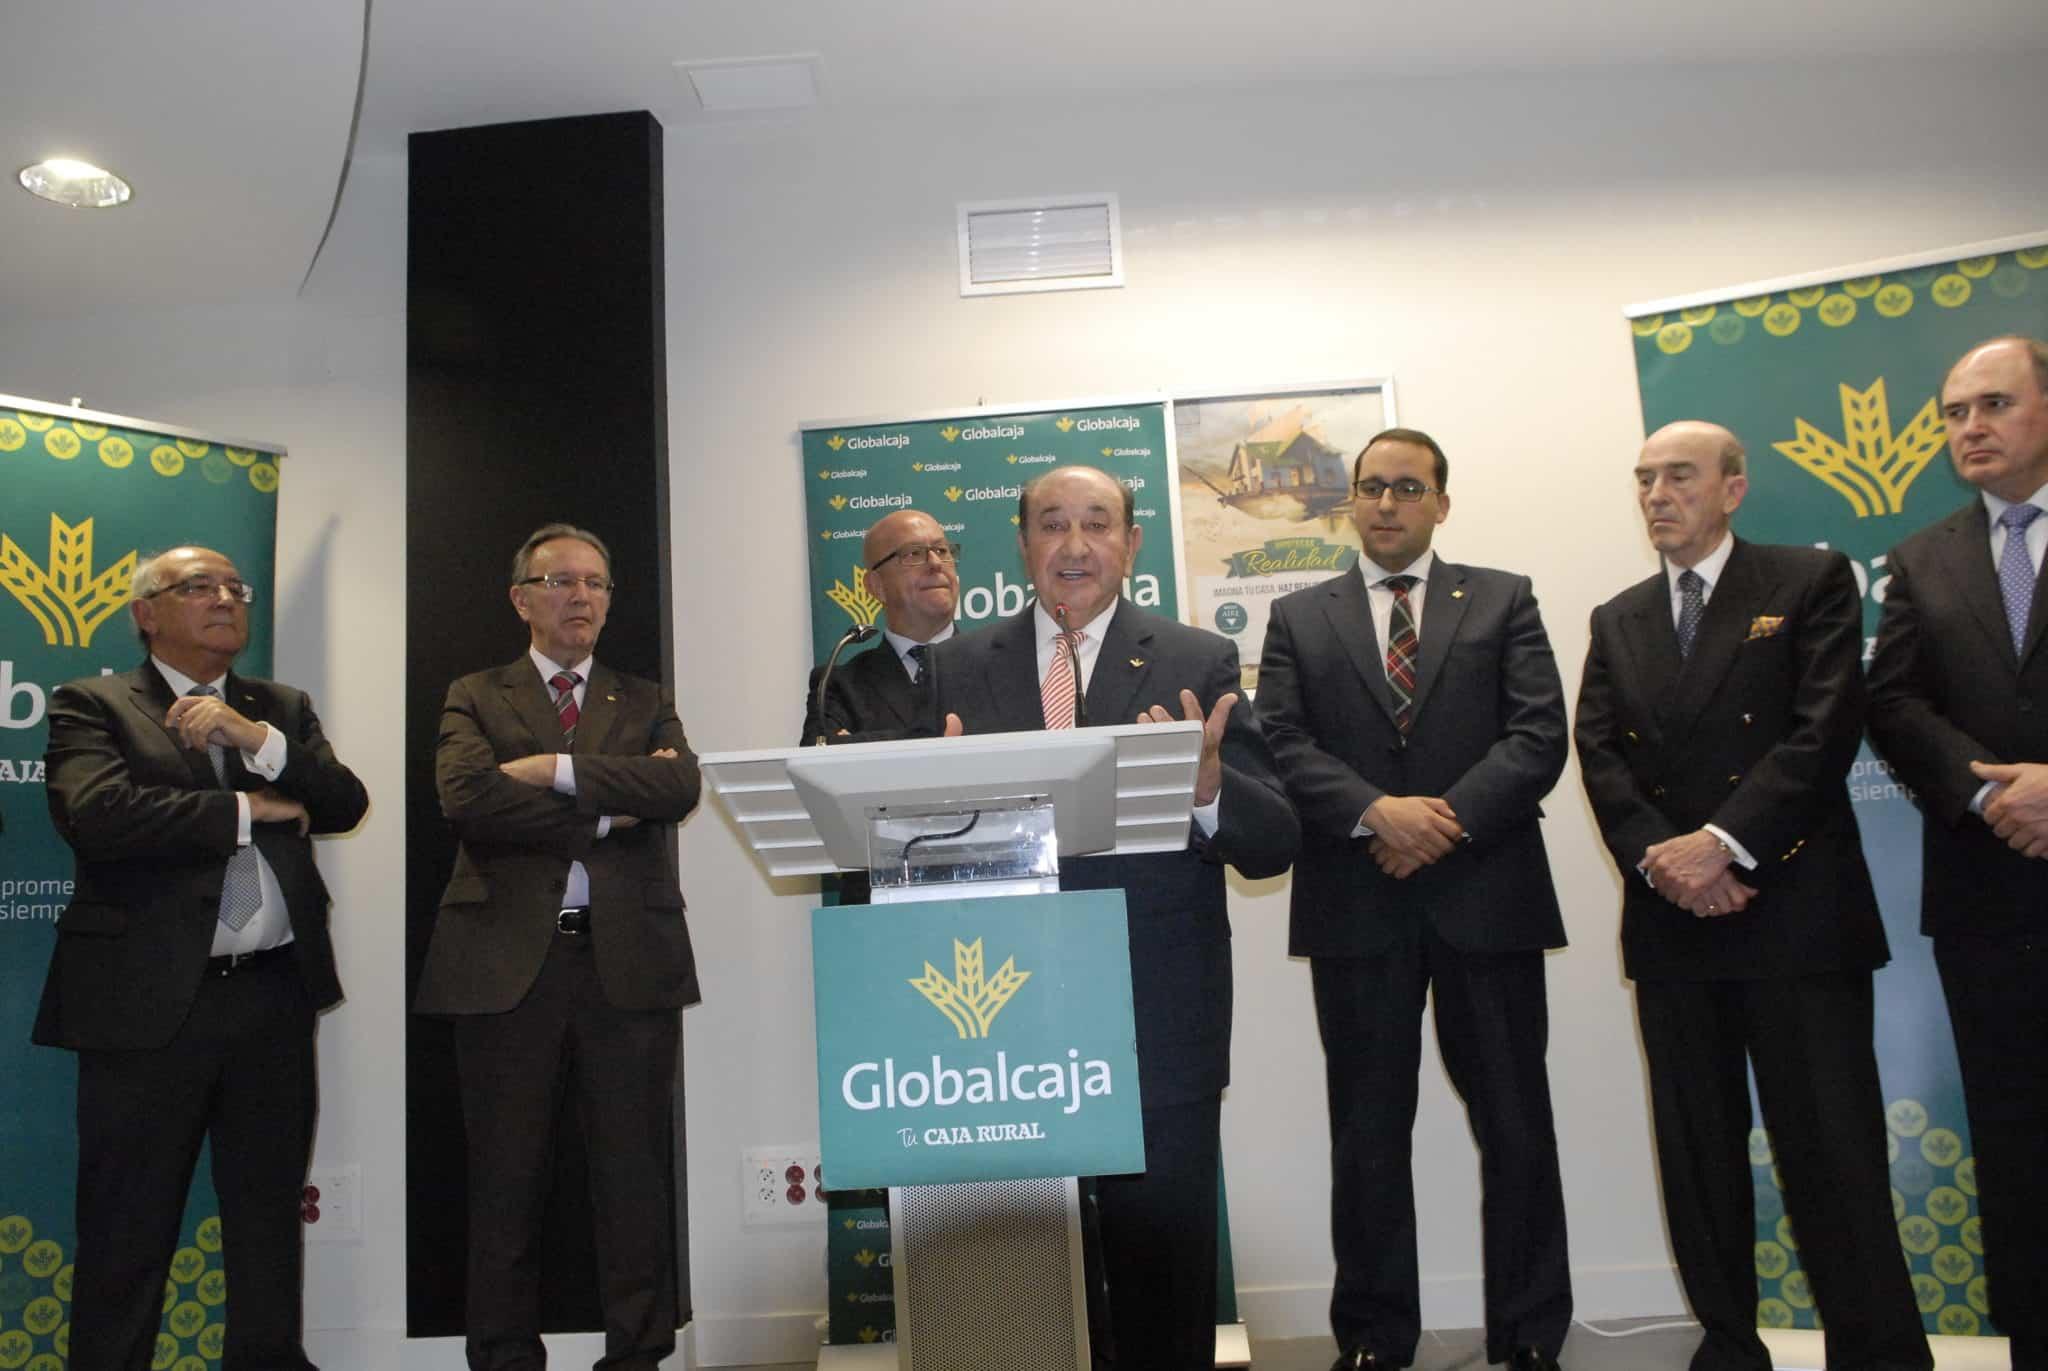 https://blog.globalcaja.es/wp-content/uploads/2016/02/Globalcaja-mora-toledo-.jpg